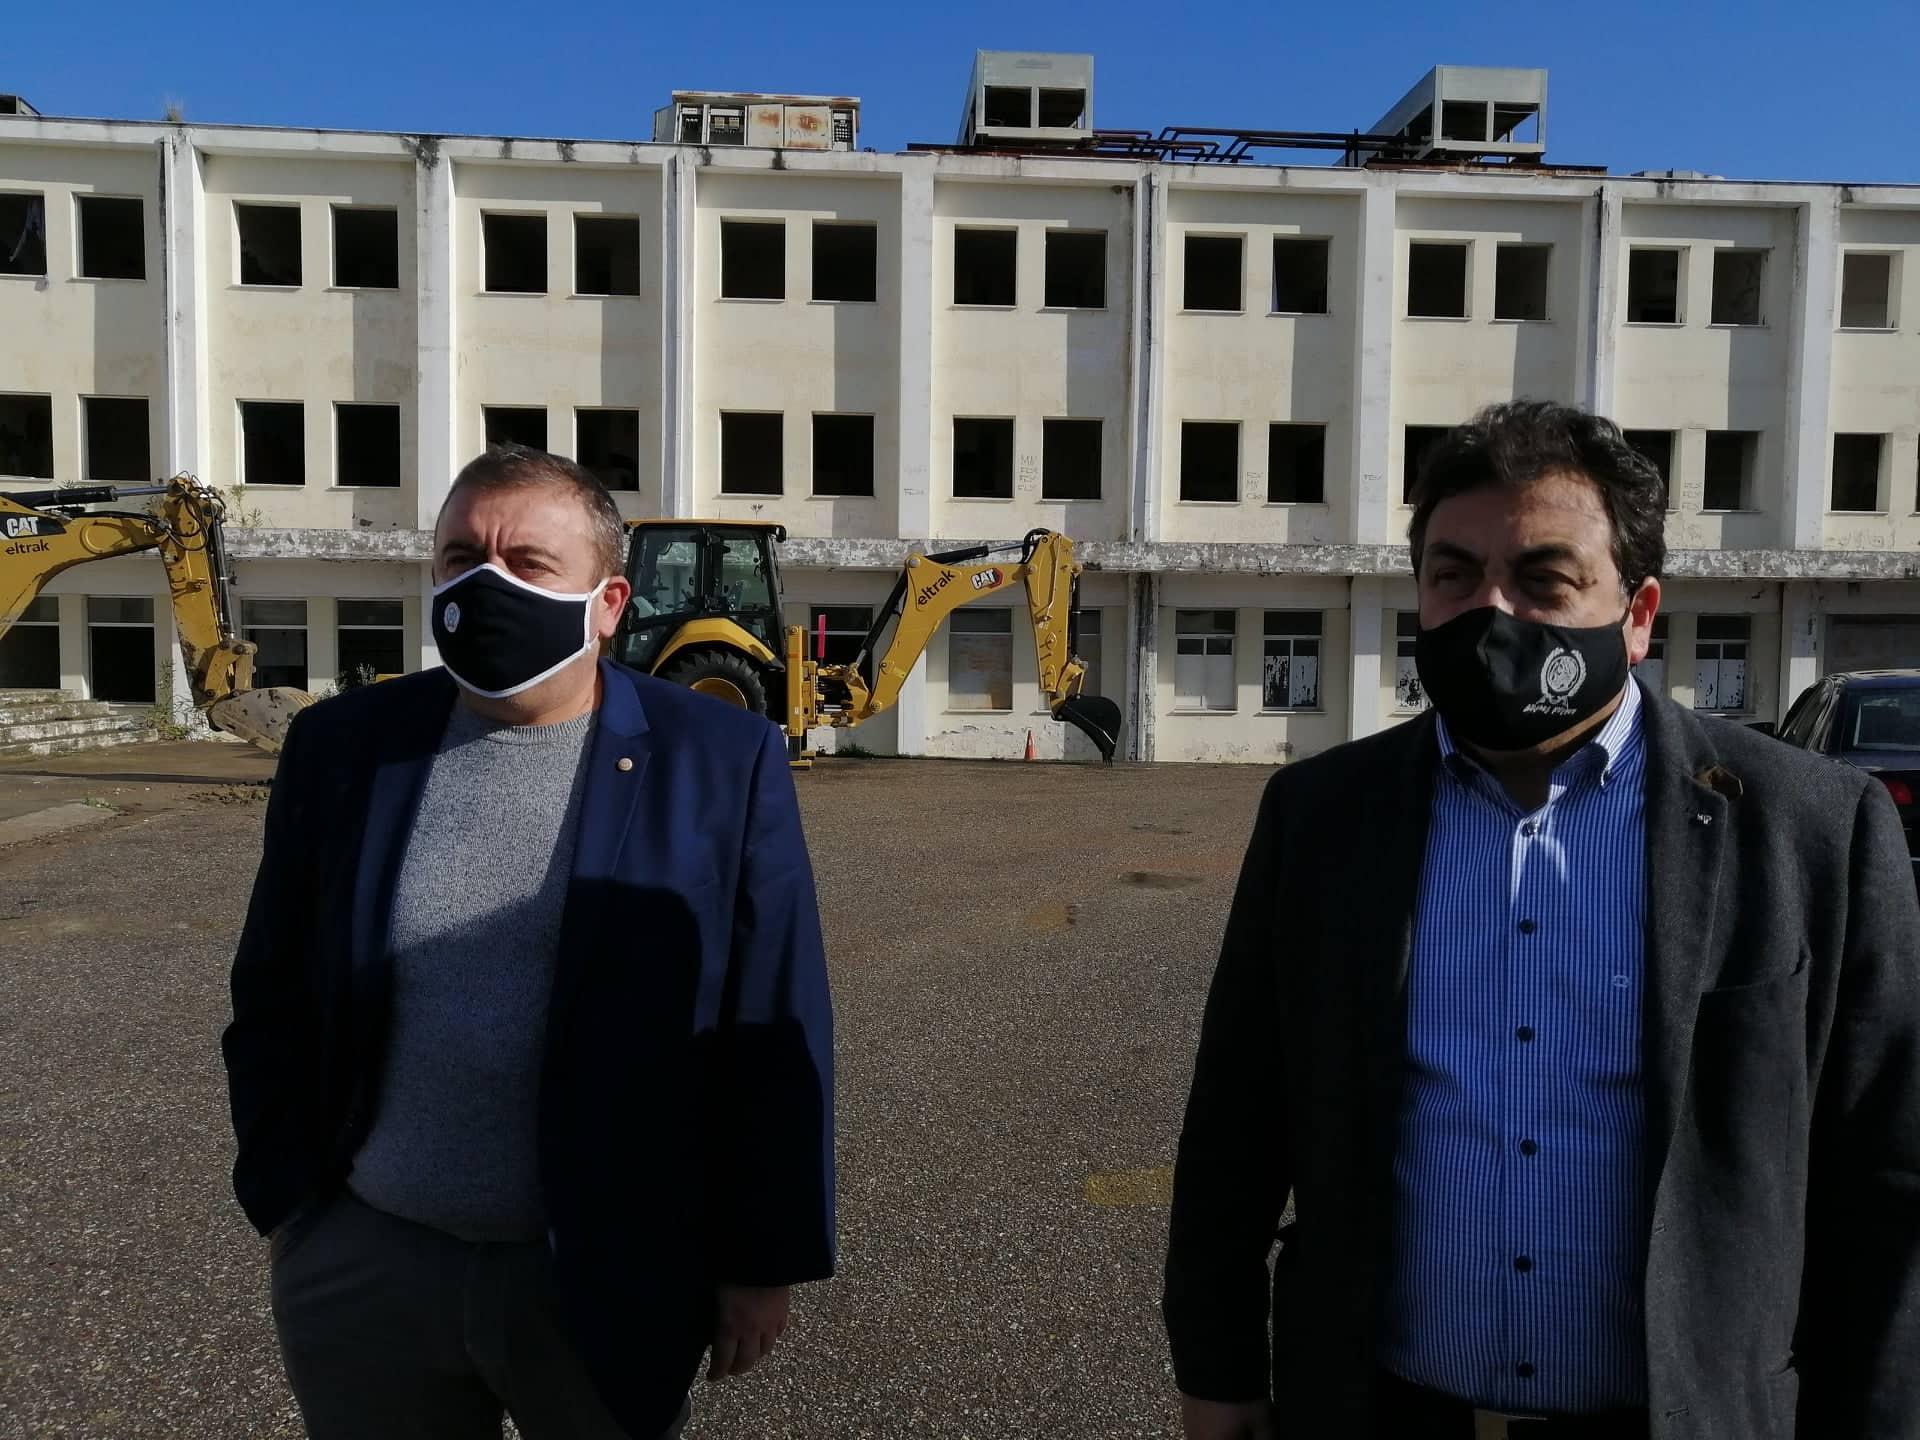 Δήμος Πύργου: Απομακρύνονται και τα τελευταία στρώματα από το παλιό Νοσοκομείο -Παν. Αντωνακόπουλος «Στόχος μας η πλήρης αποκατάσταση του χώρου» (photos)